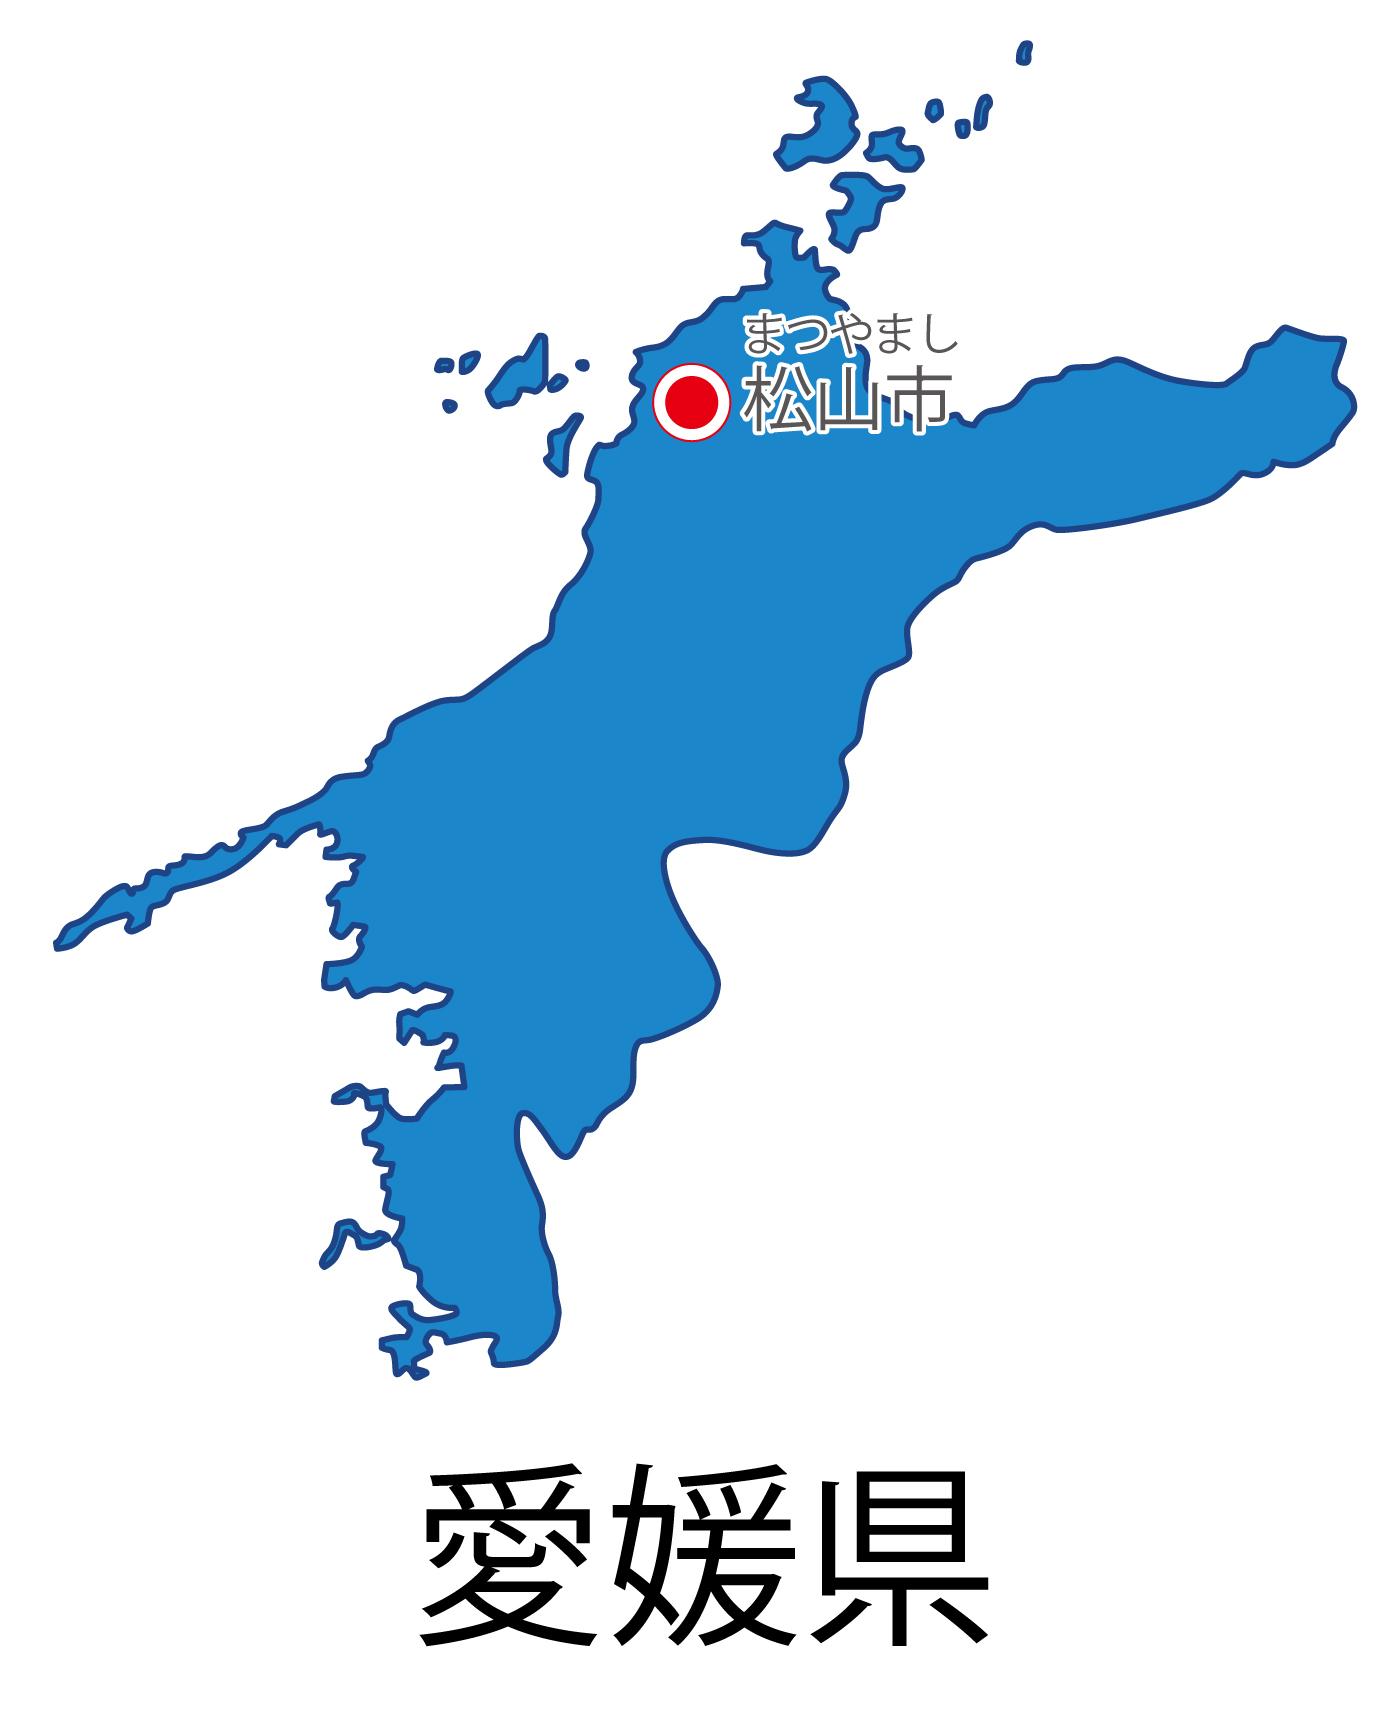 愛媛県無料フリーイラスト|日本語・都道府県名あり・県庁所在地あり・ルビあり(青)